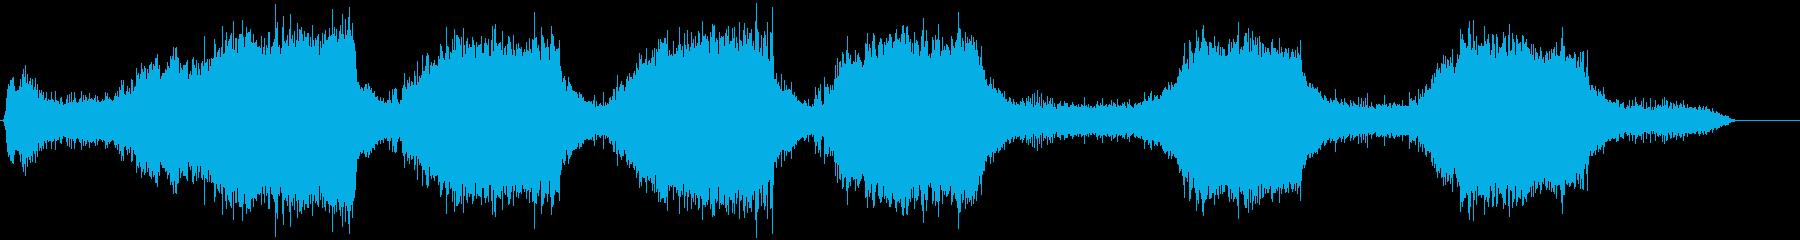 ハンドヘルドストーンカッター:ガソ...の再生済みの波形